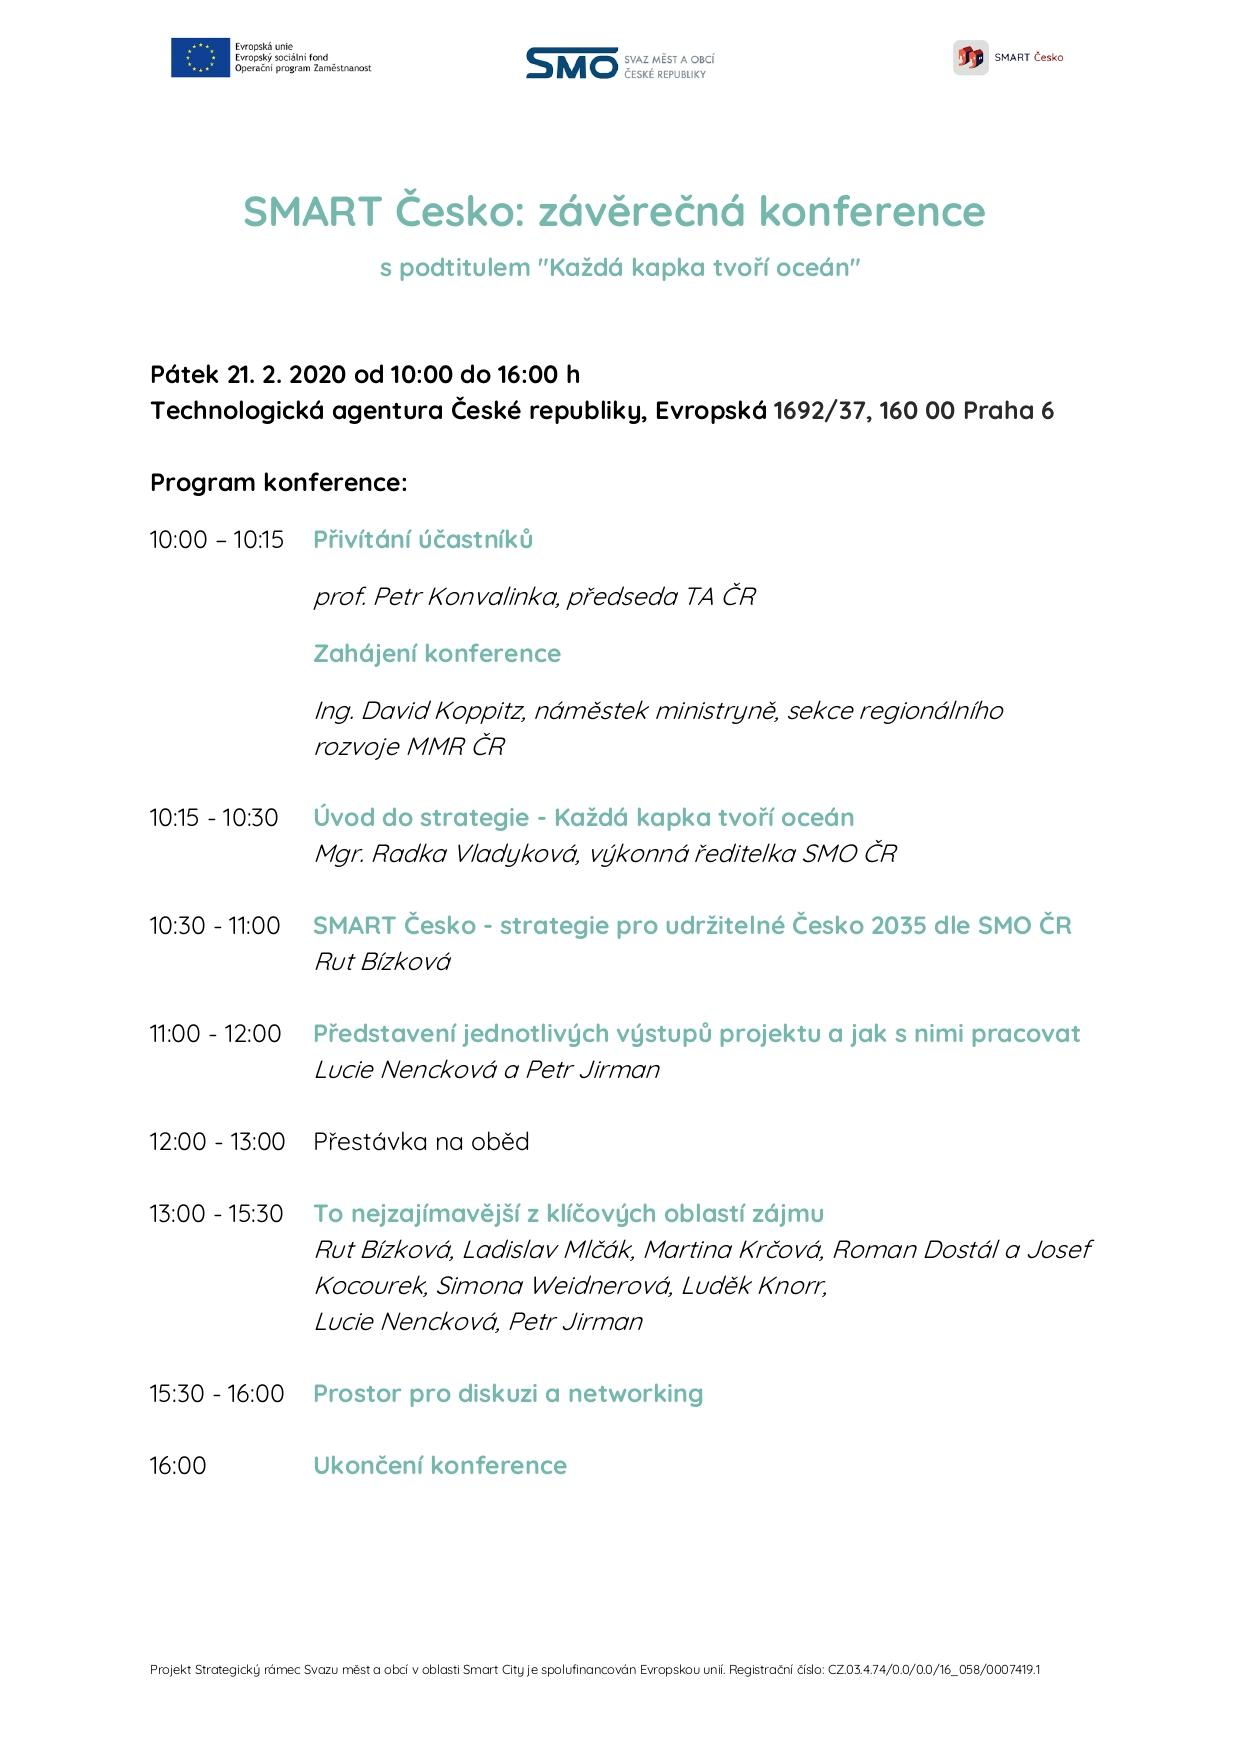 Program - Závěrečná konference SMART Česko - každá kapka tvoří oceán_page-0001